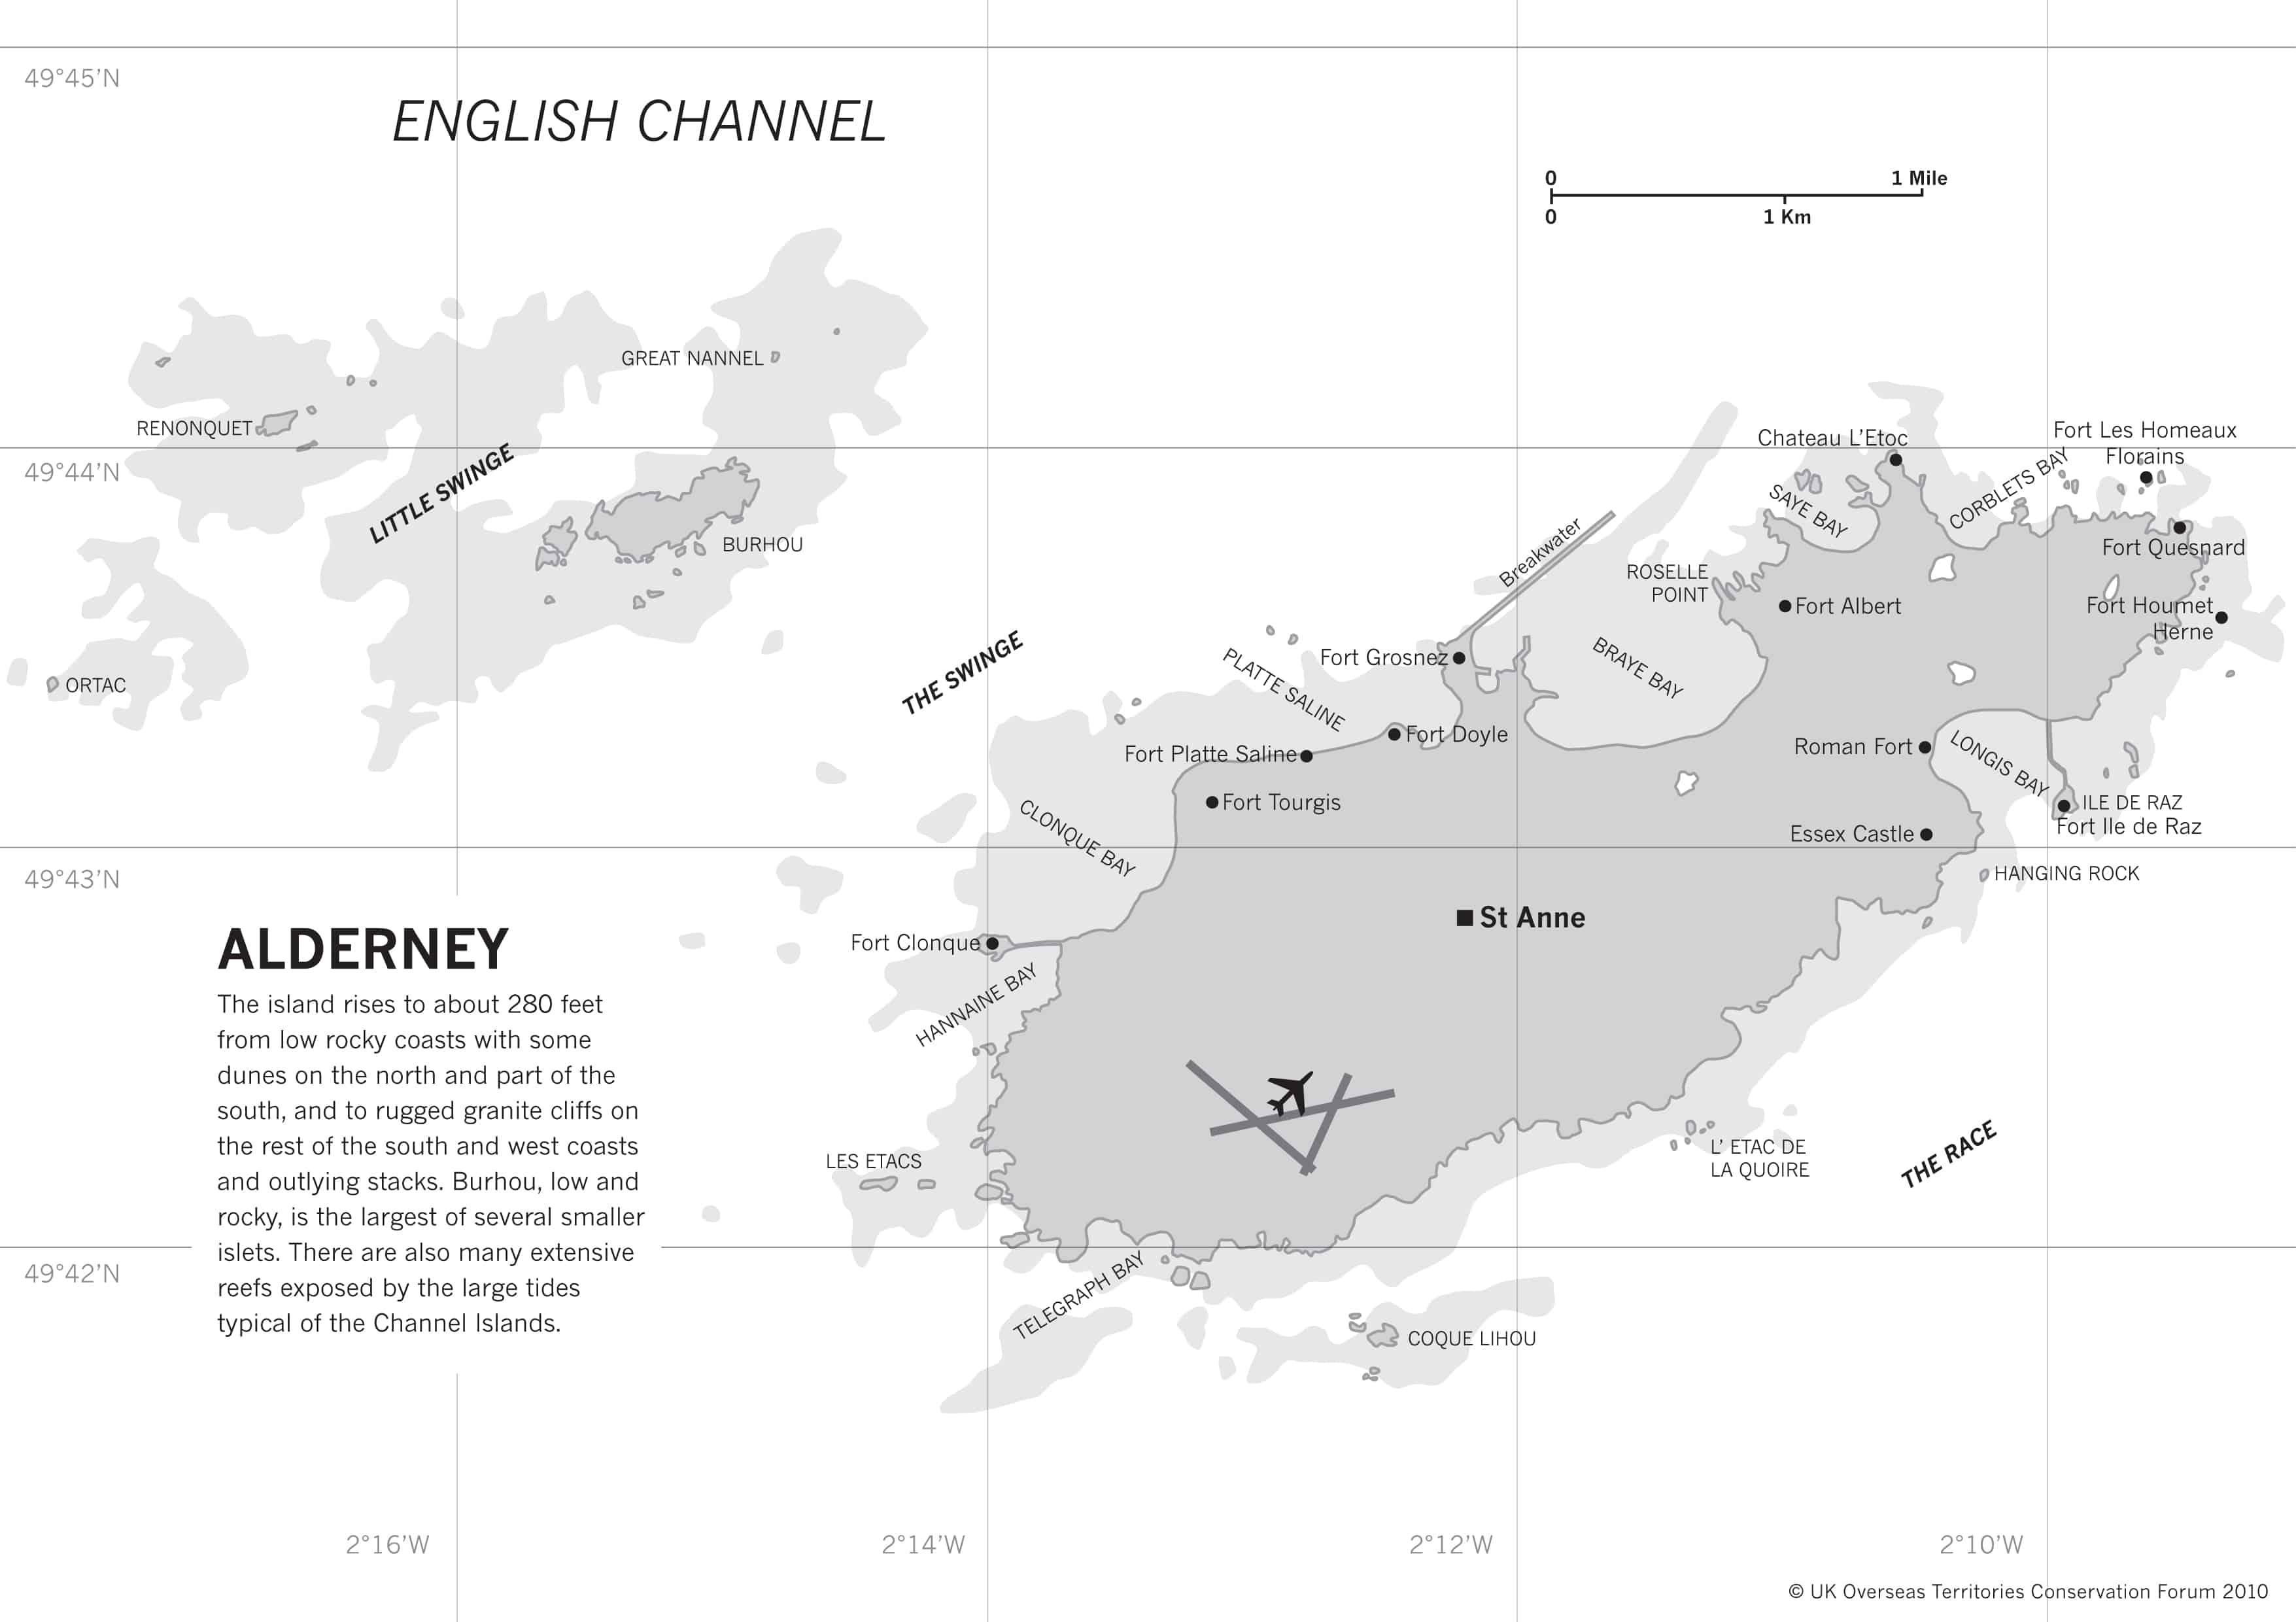 Map of Alderney